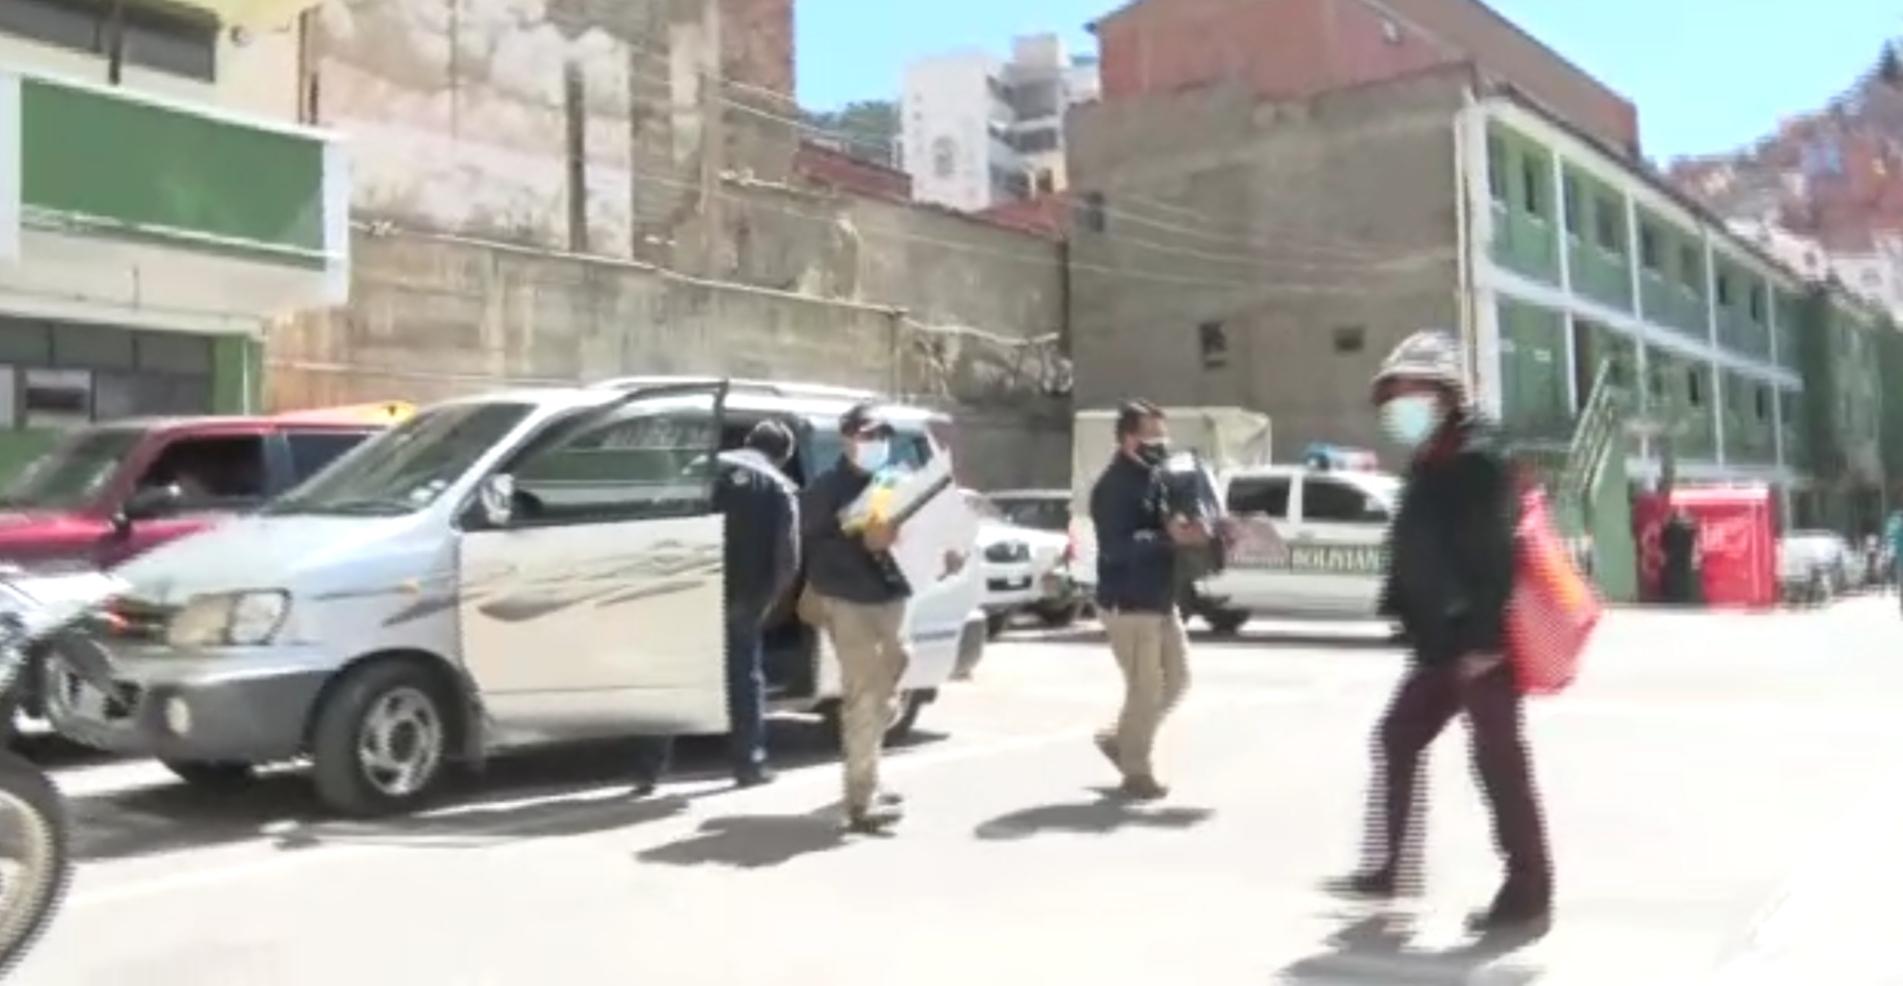 Secuestran 6 equipos de computación del Ministerio de Educación por el caso de filtración de pruebas